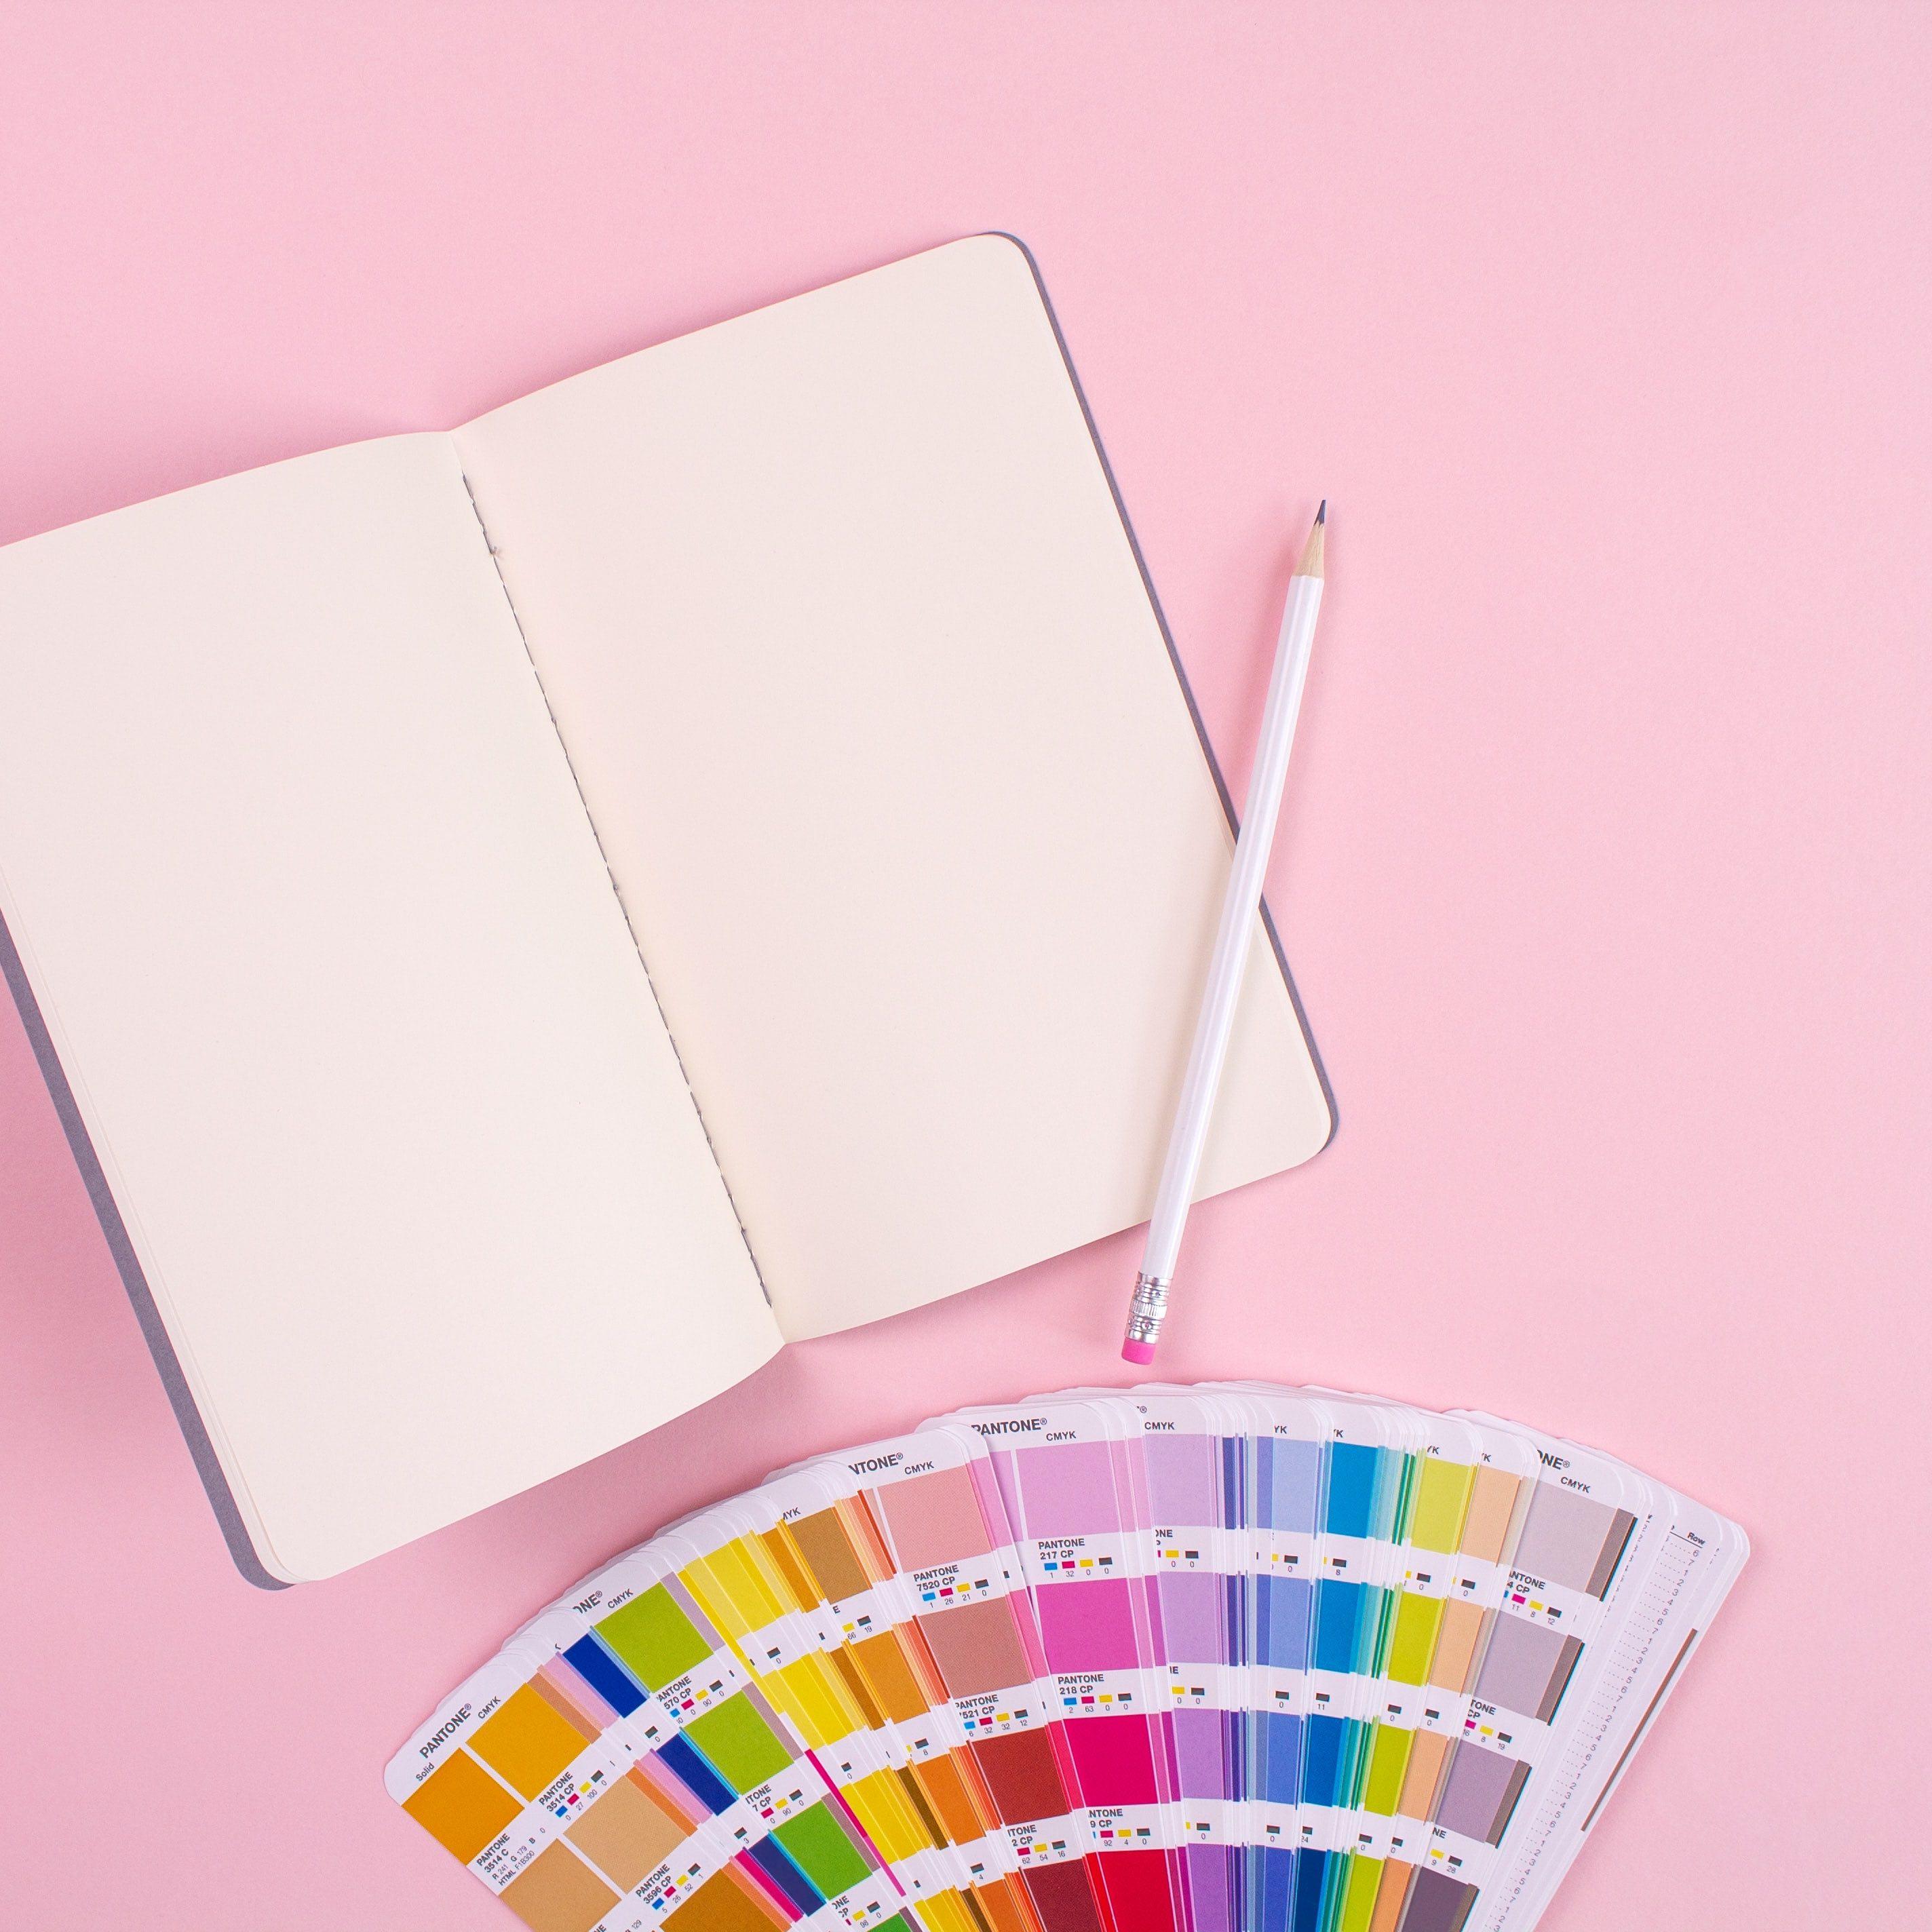 Farbberatung - Bin ich ein Frühling-, Sommer-, Herbst- oder Wintertyp?